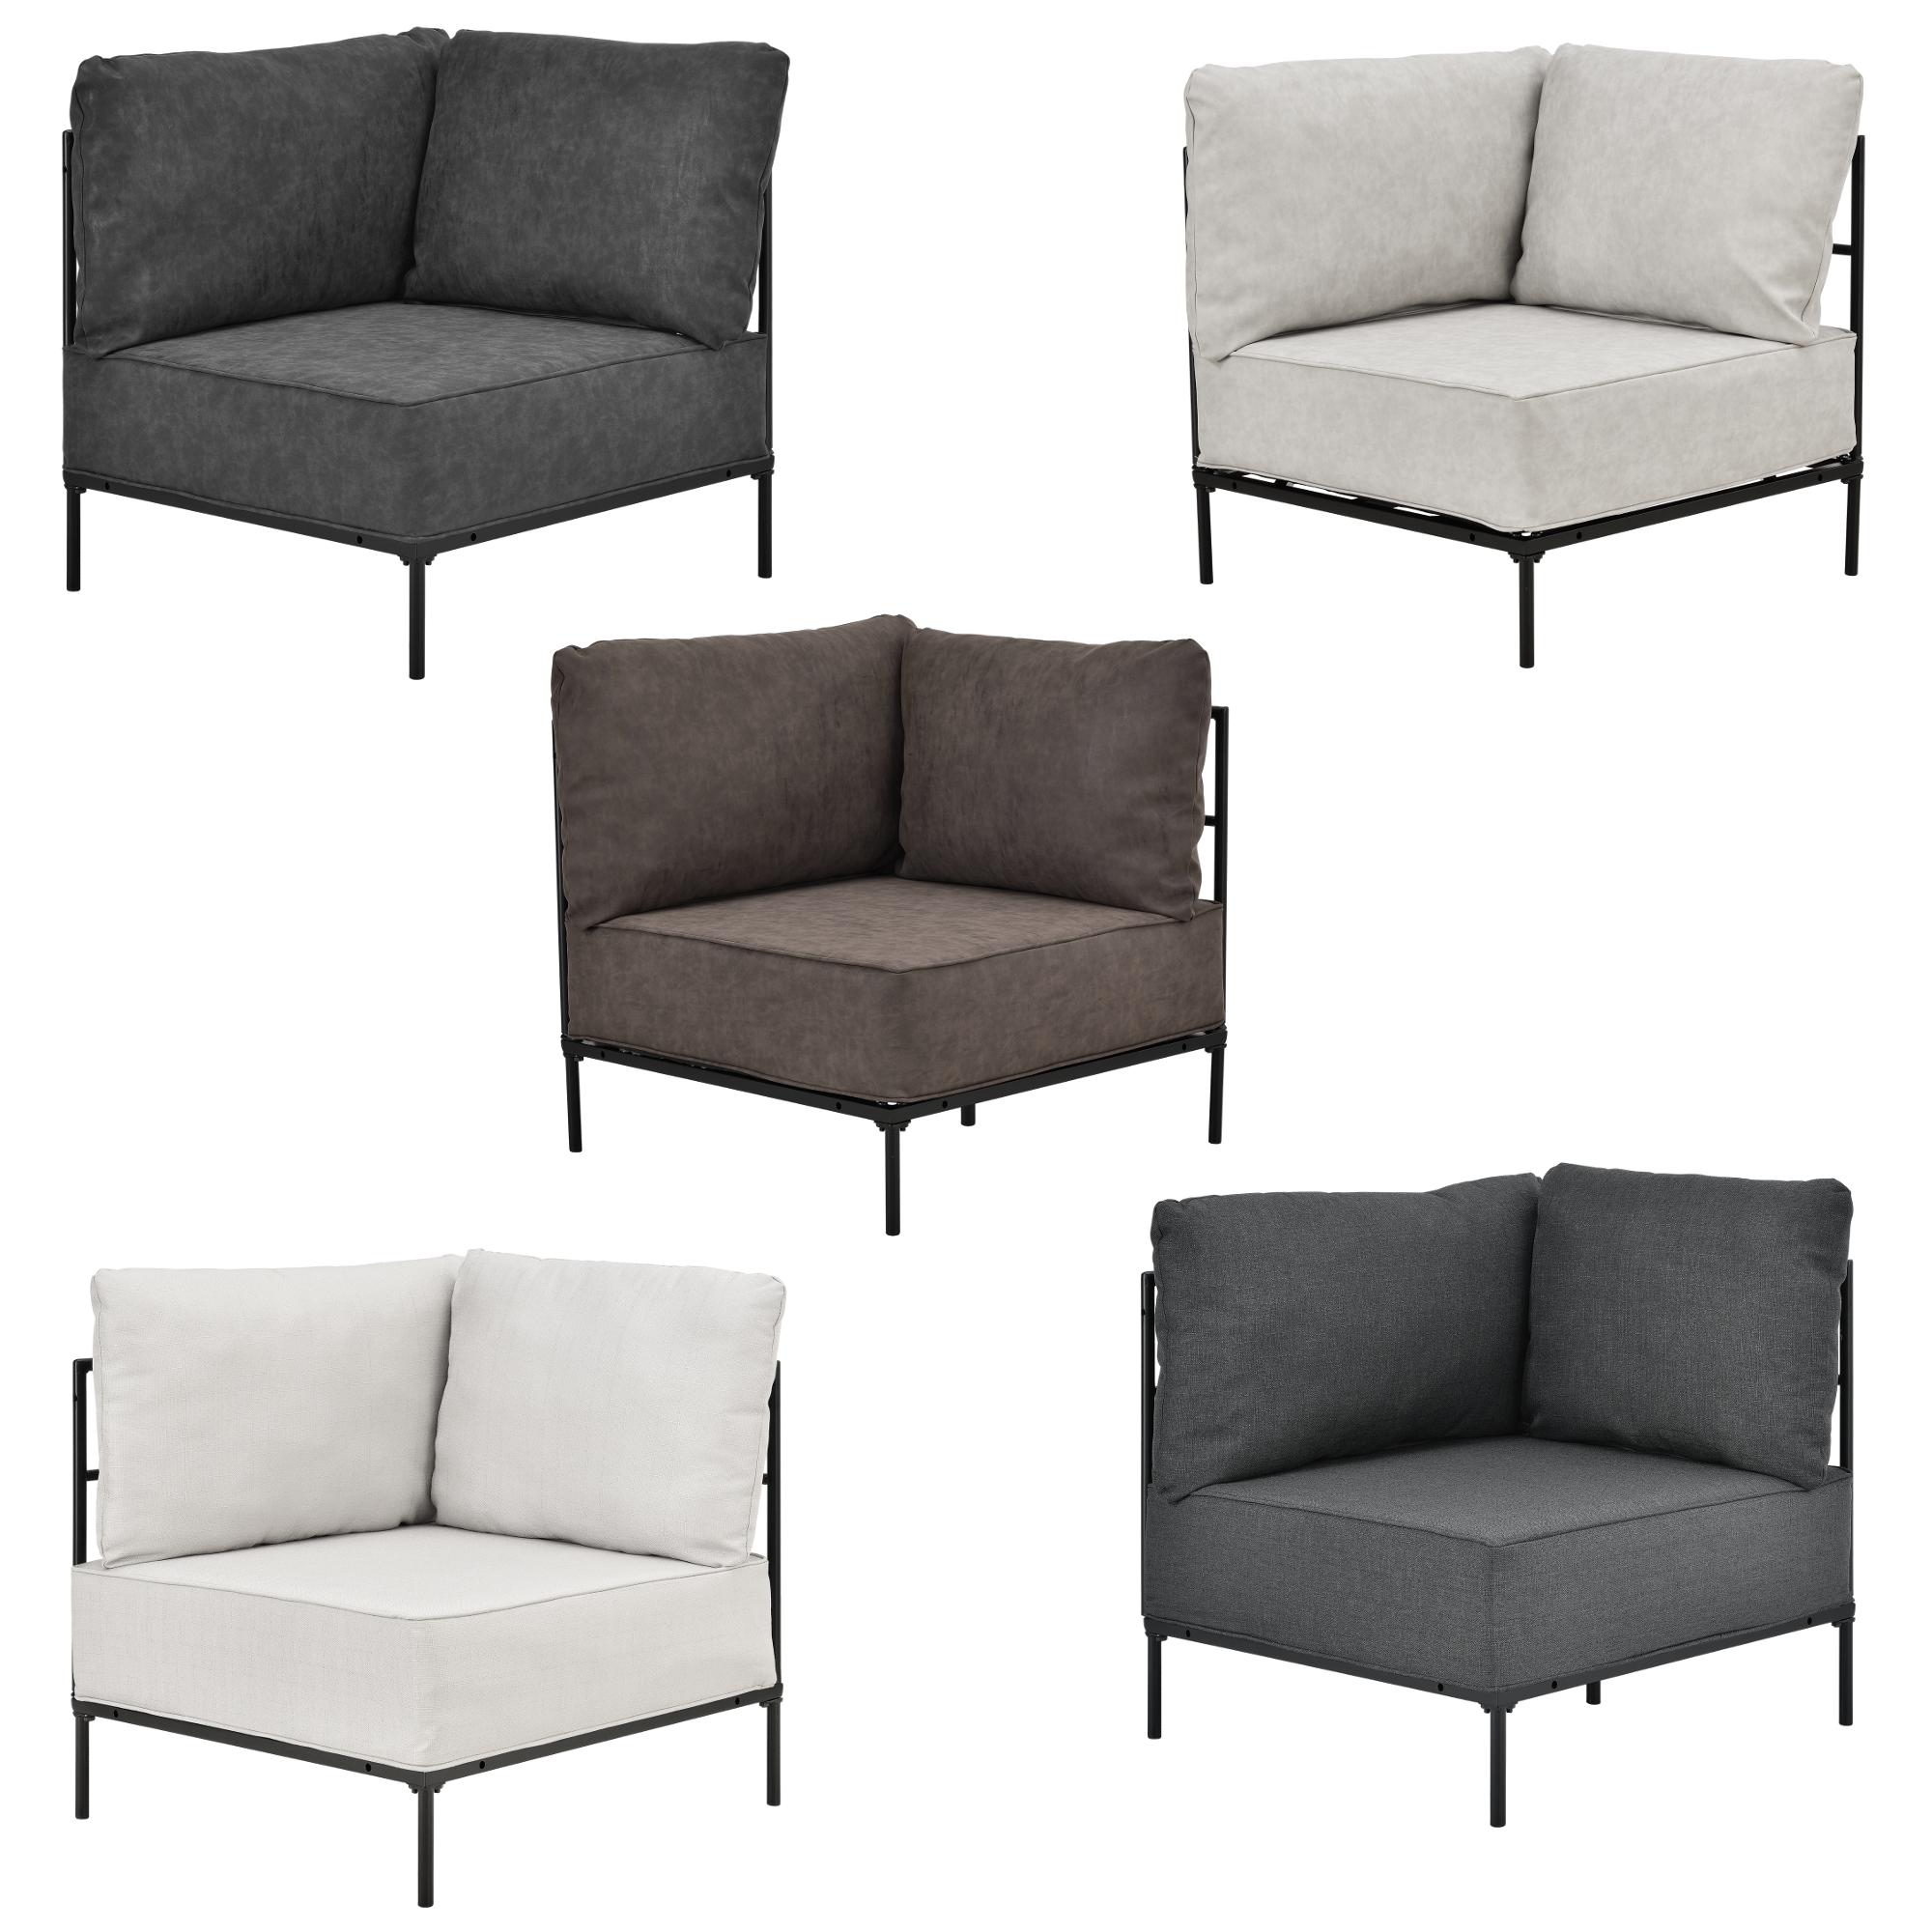 Verschiedene Eck Wohnlandschaft Dekoration Von En-casa-sofa-couch-sessel-polstergarnitur-wohnlandschaft-garnitur-